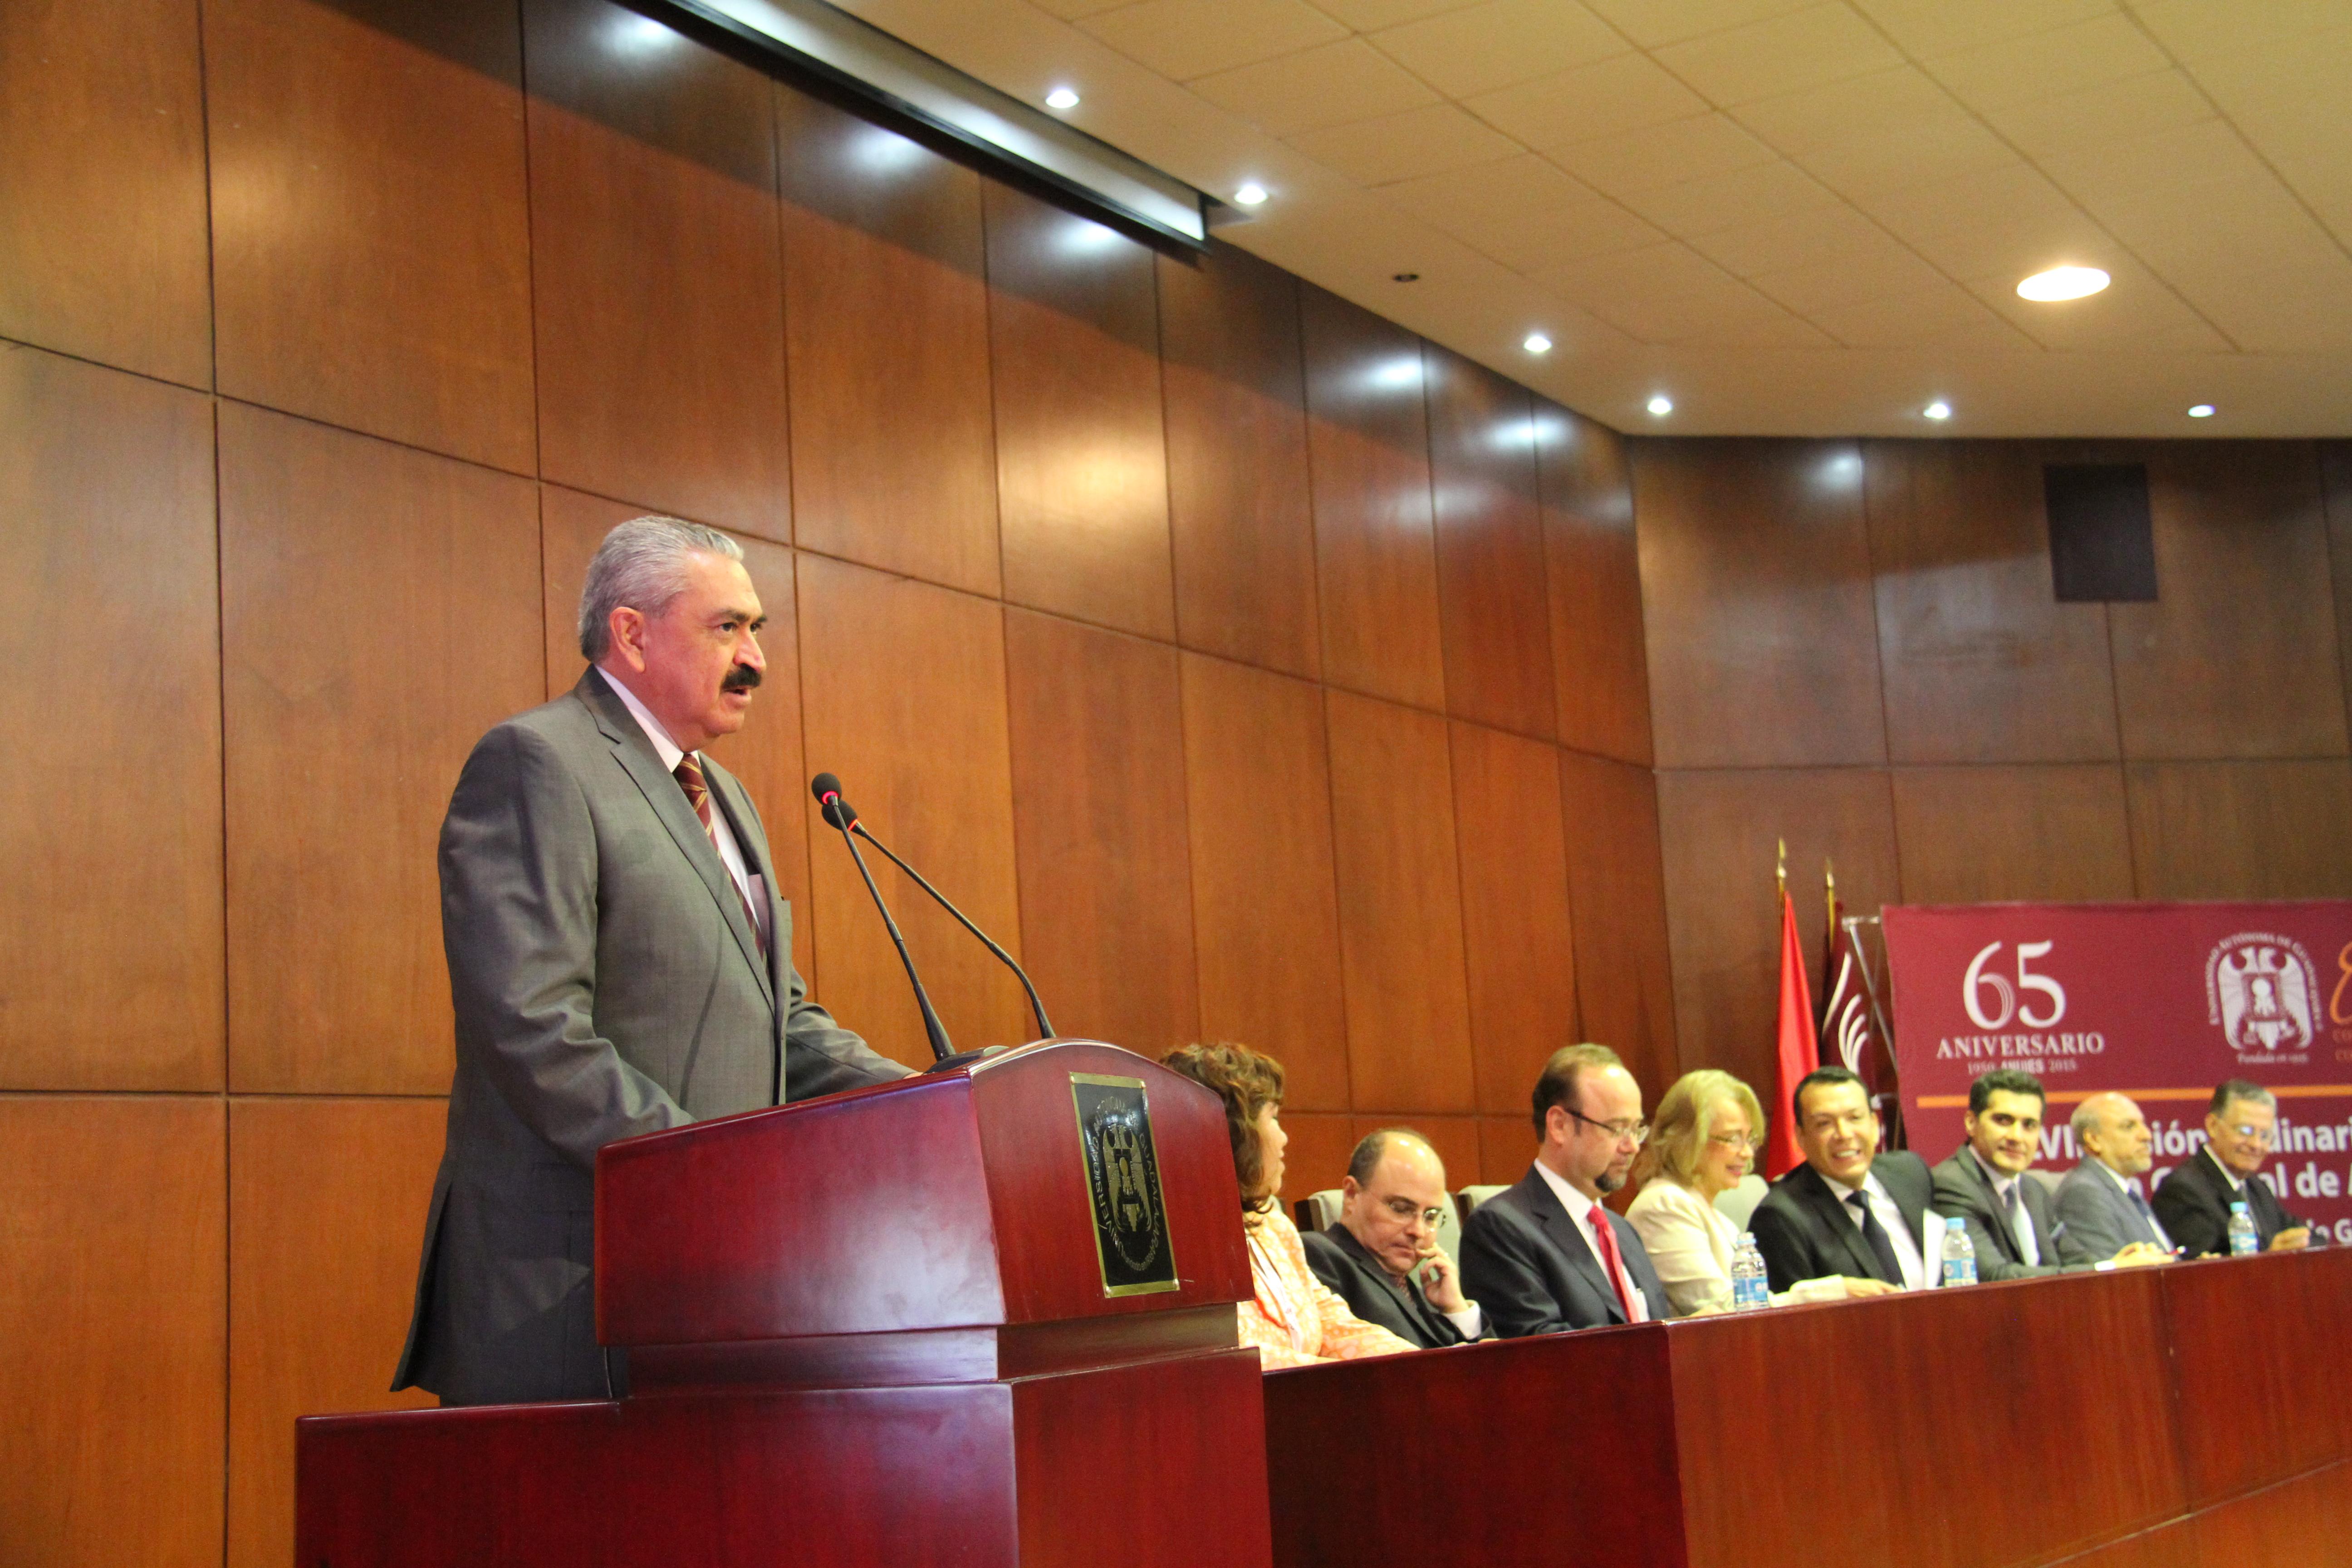 XLVII Sesión Ordinaria de la Asamblea General de la Asociación Nacional de Universidades e Instituciones de Educación Superior (ANUIES)